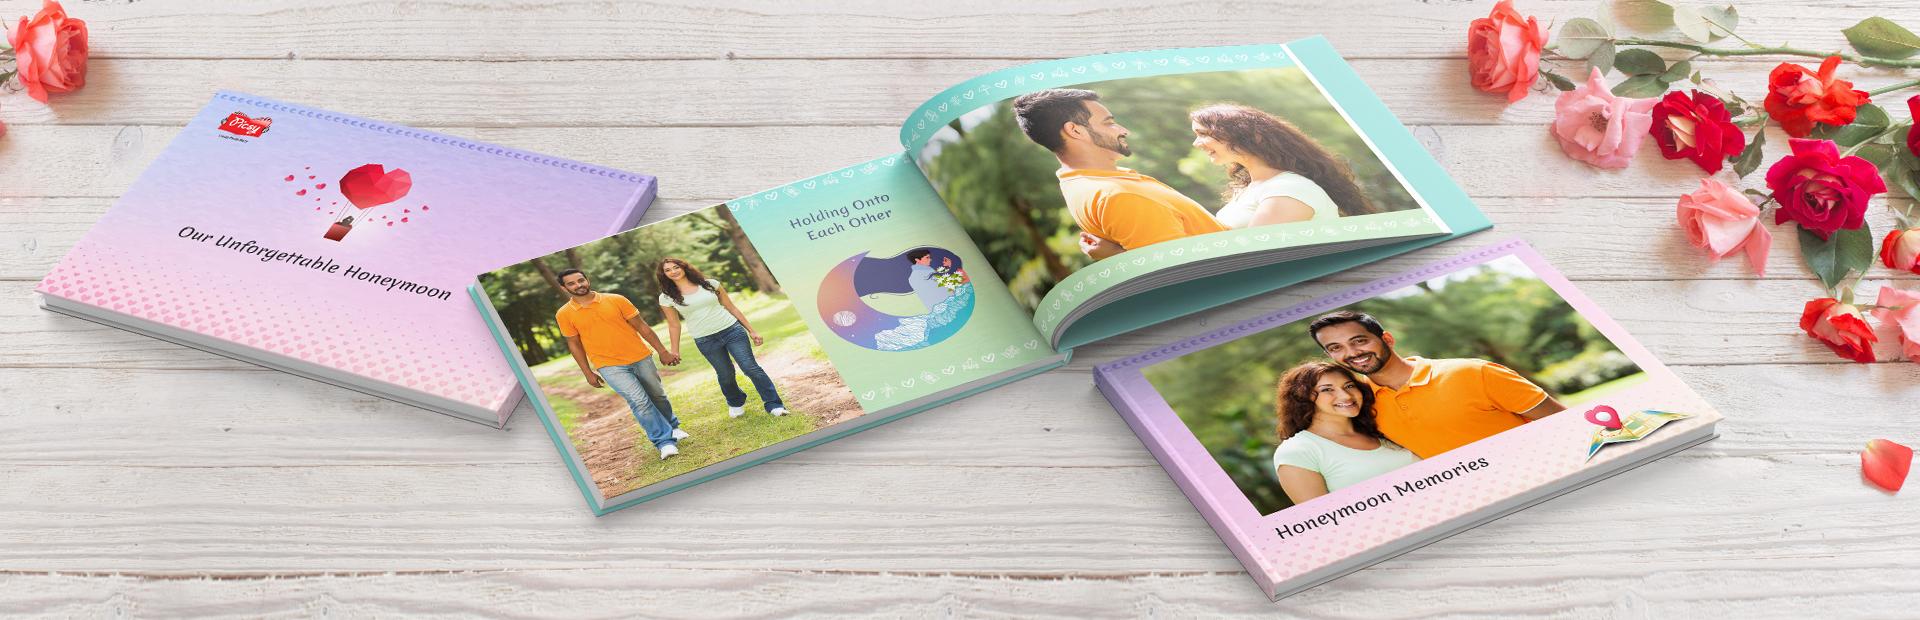 Honeymoon Memorybook Printing